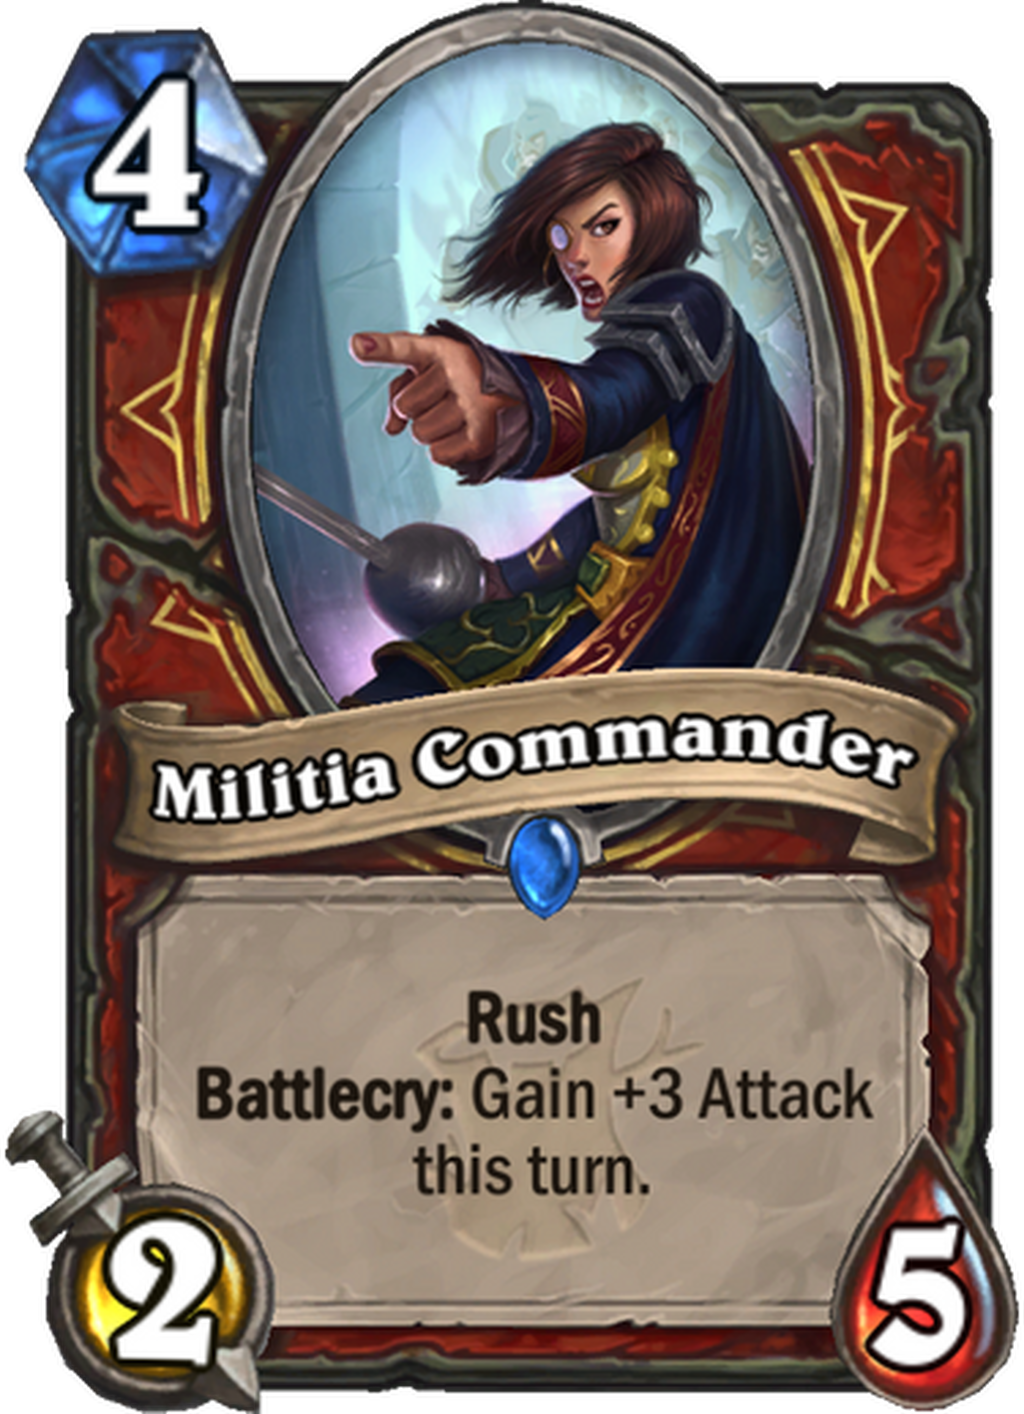 Militia Commander